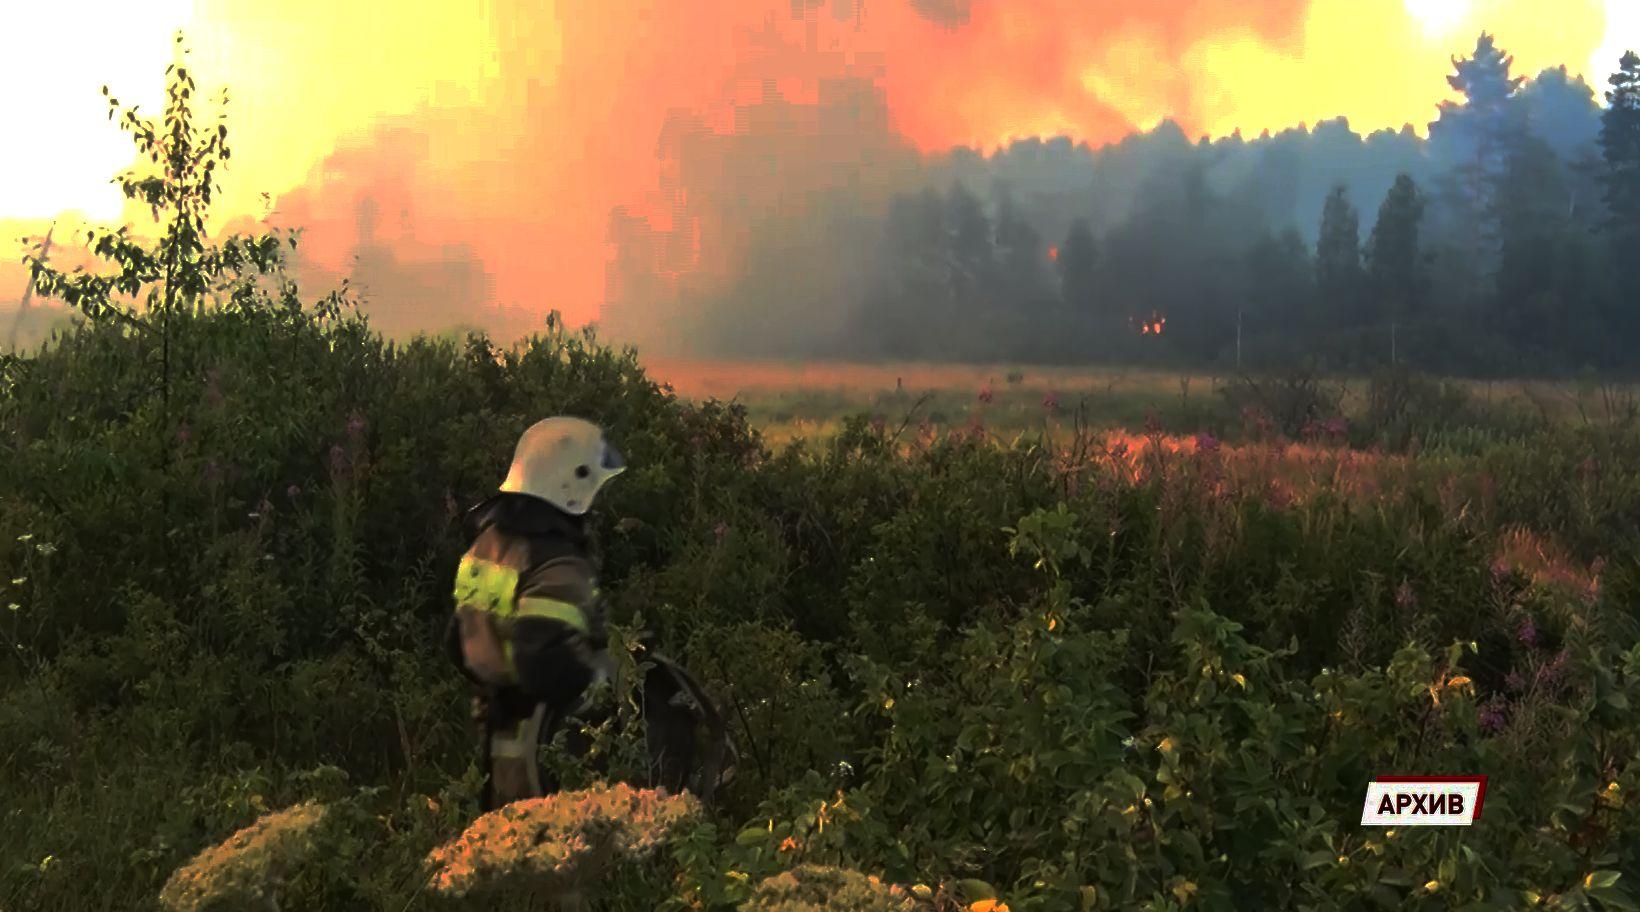 Владимир Путин в круглосуточном режиме контролирует ситуацию по подтоплениям и пожарам в России